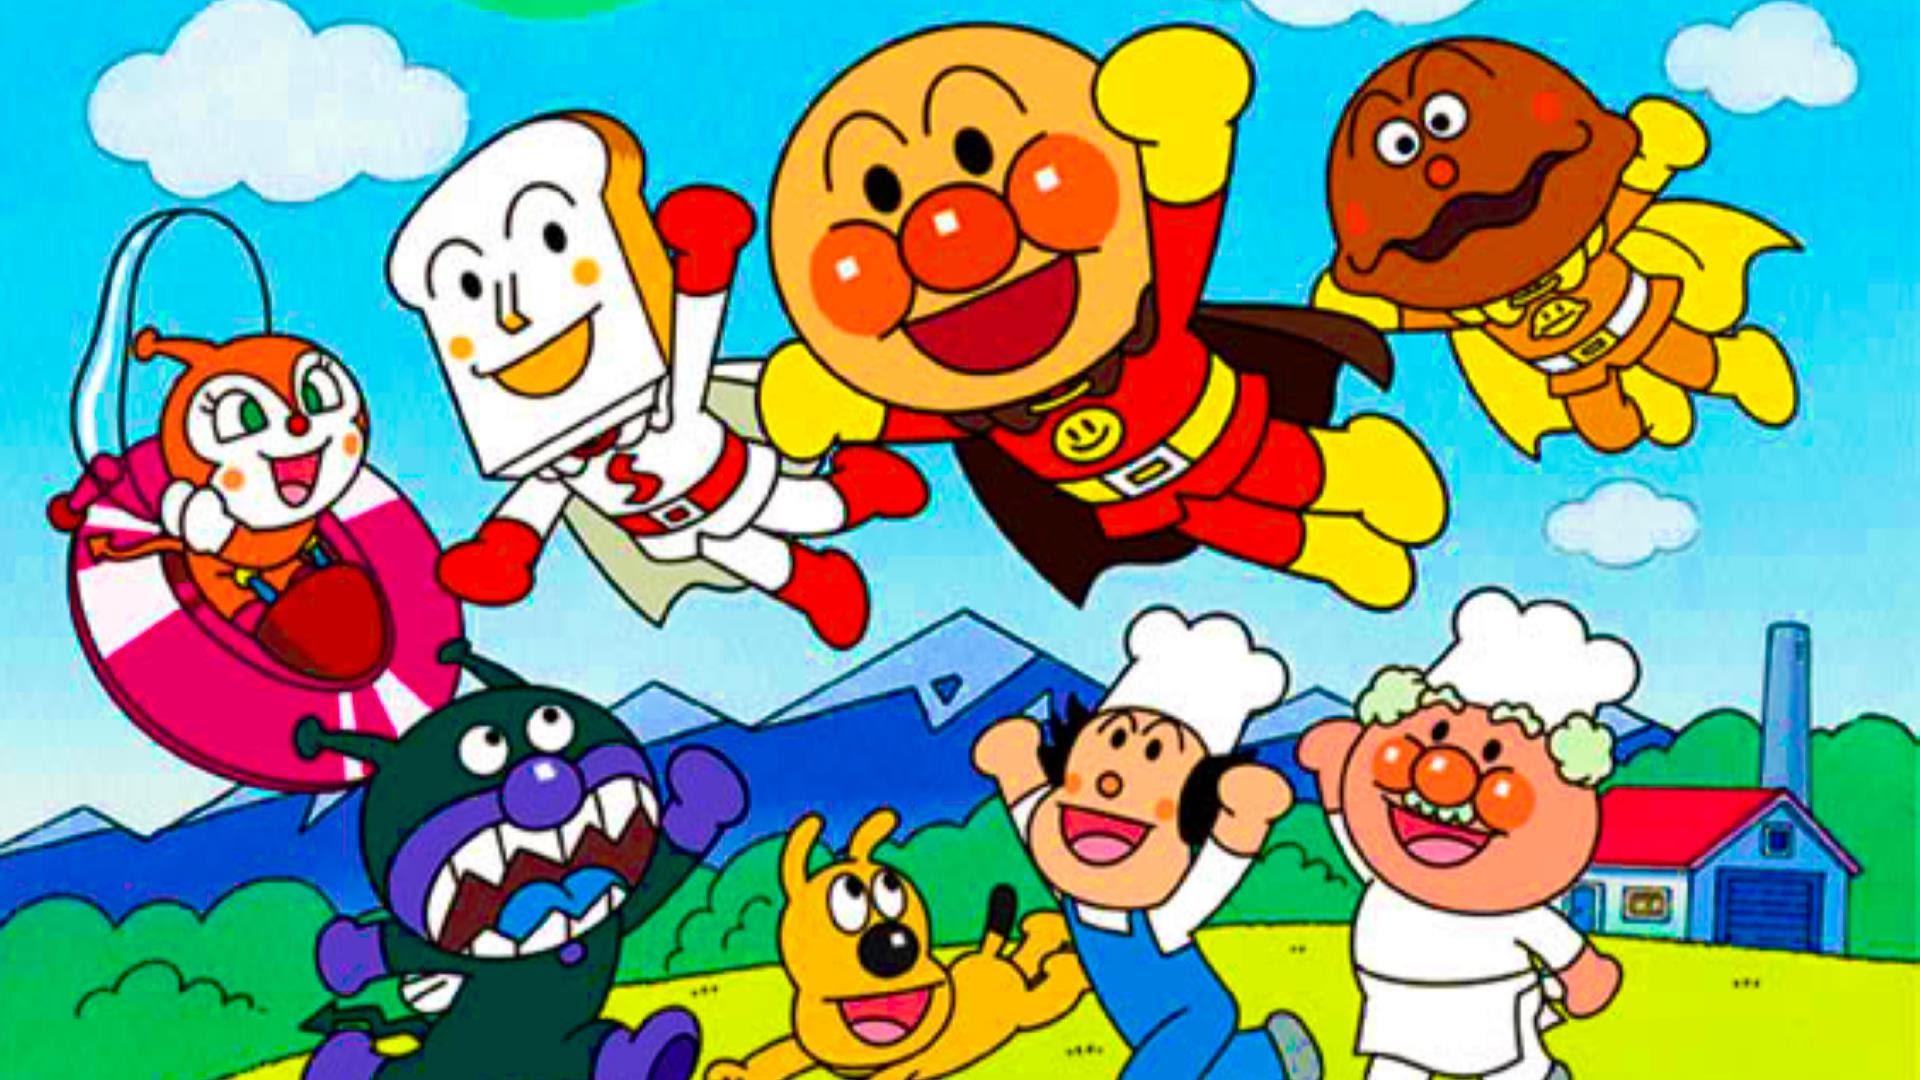 アンパンマンのテレビアニメが始まったのは?放送時間はいつ?のサムネイル画像